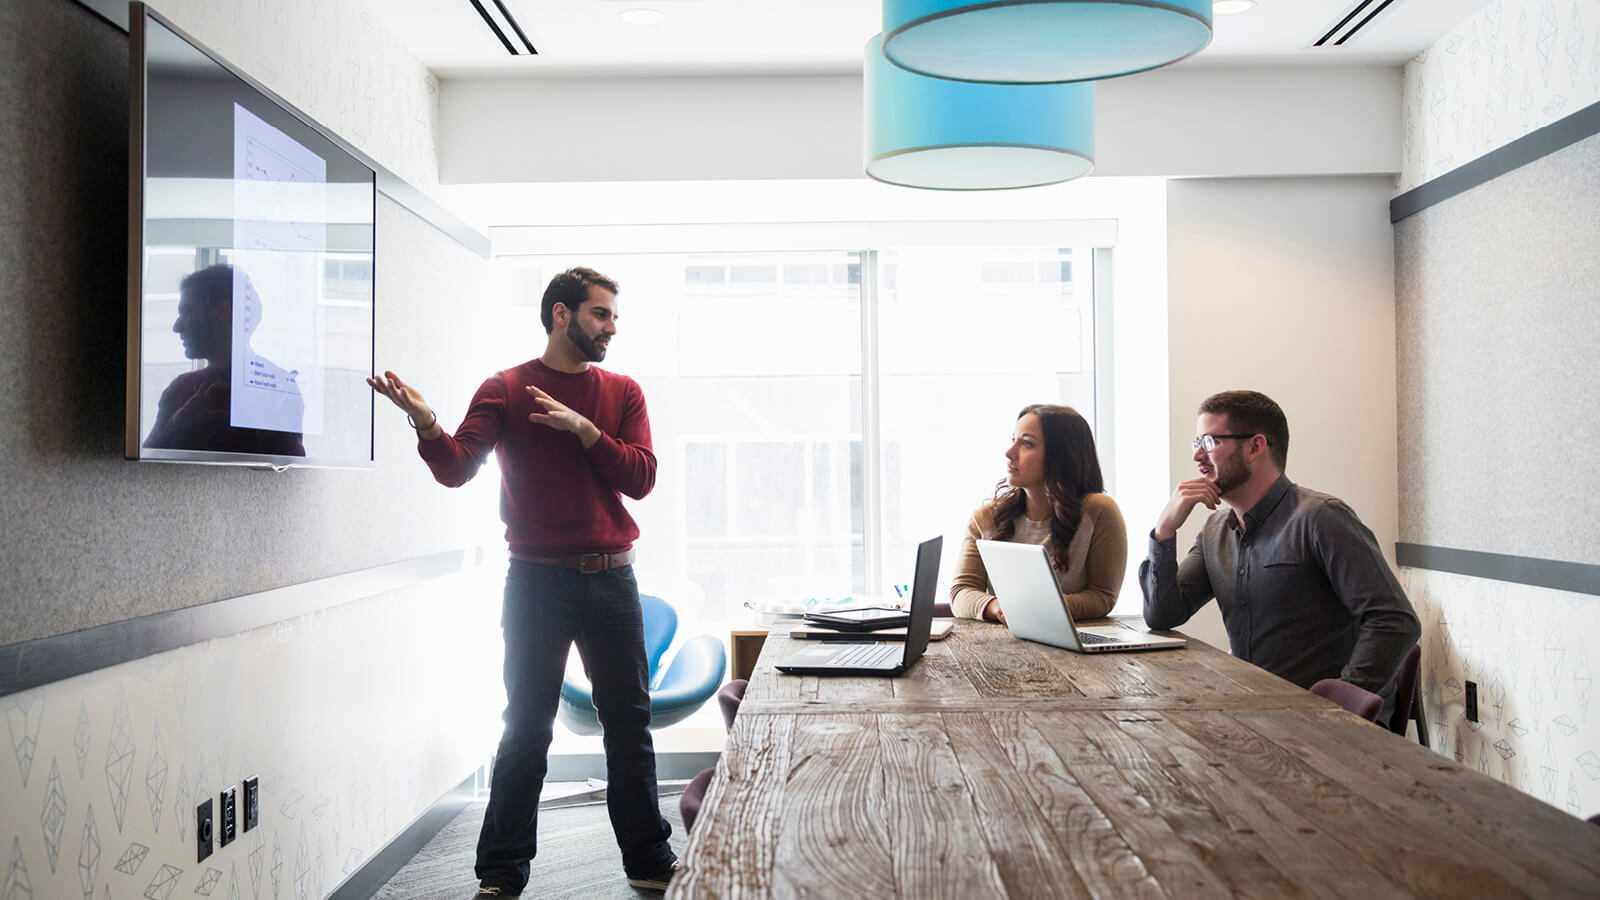 En repræsentant der forklare hans kollegaere hvilke fordele der er ved at være en del at den moderne arbejdsplads